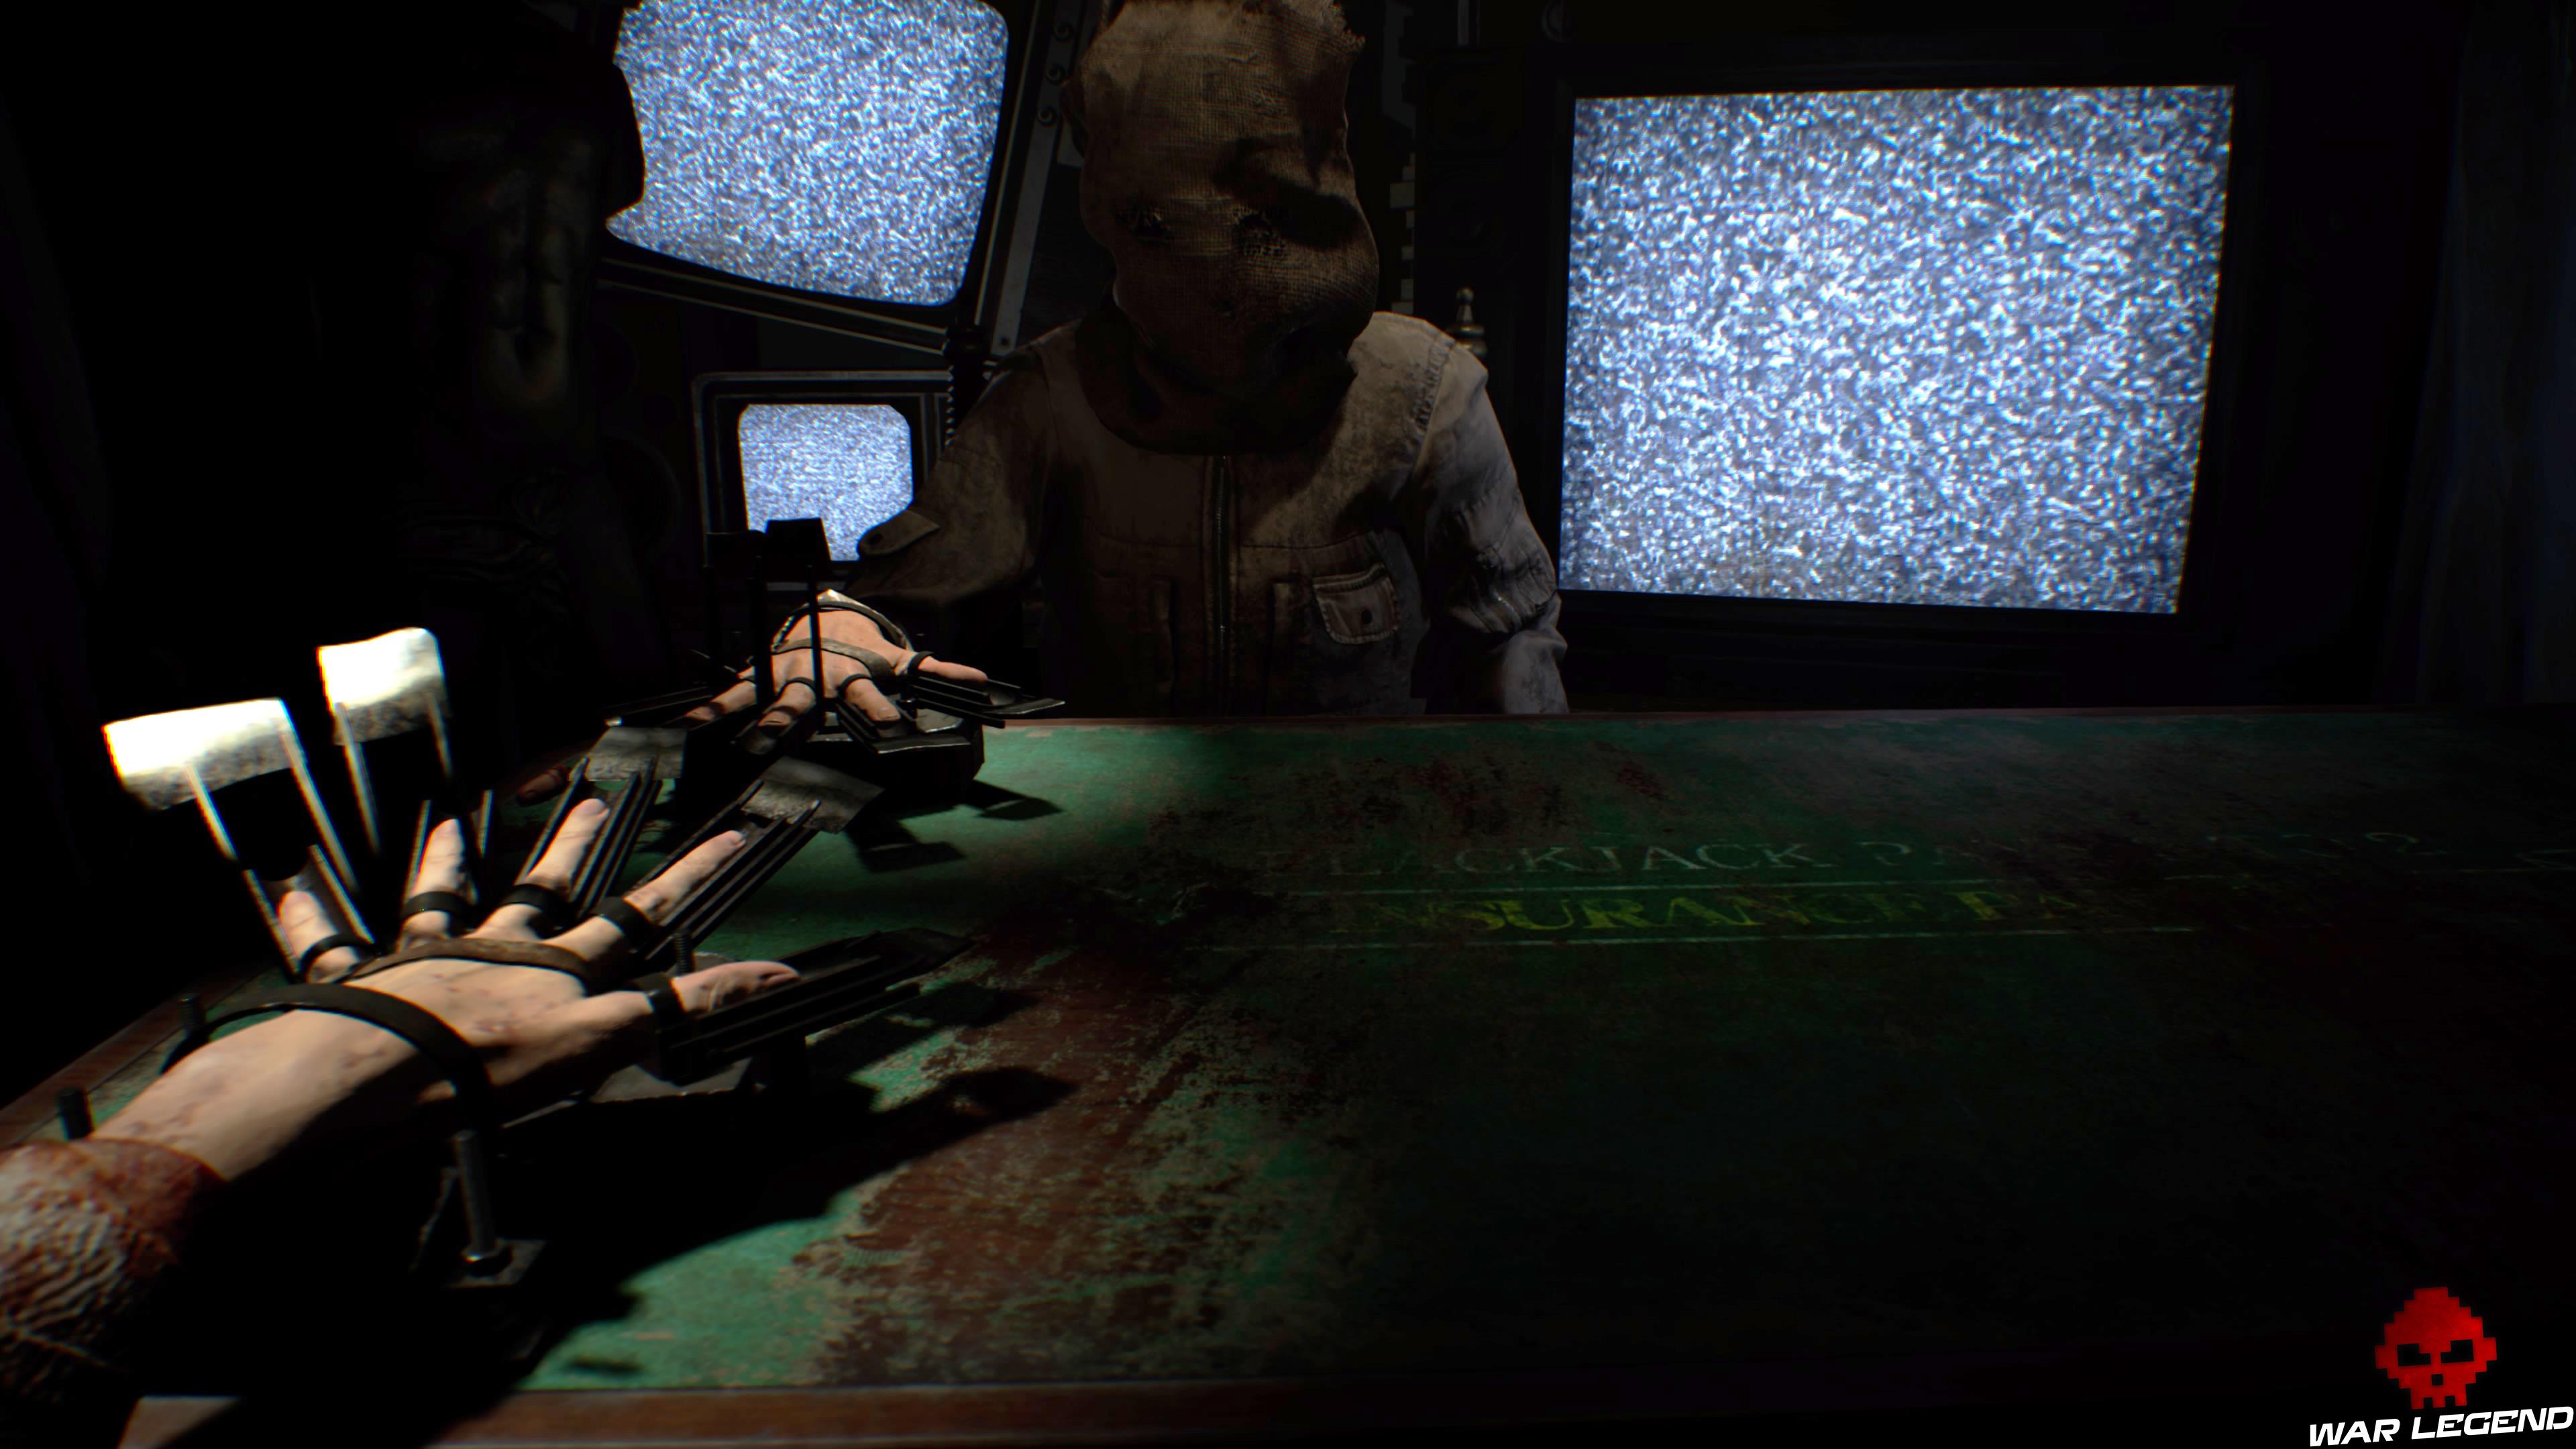 Solution Resident Evil 7 Biohazard - Vingt-et-un main deux doigts menacés